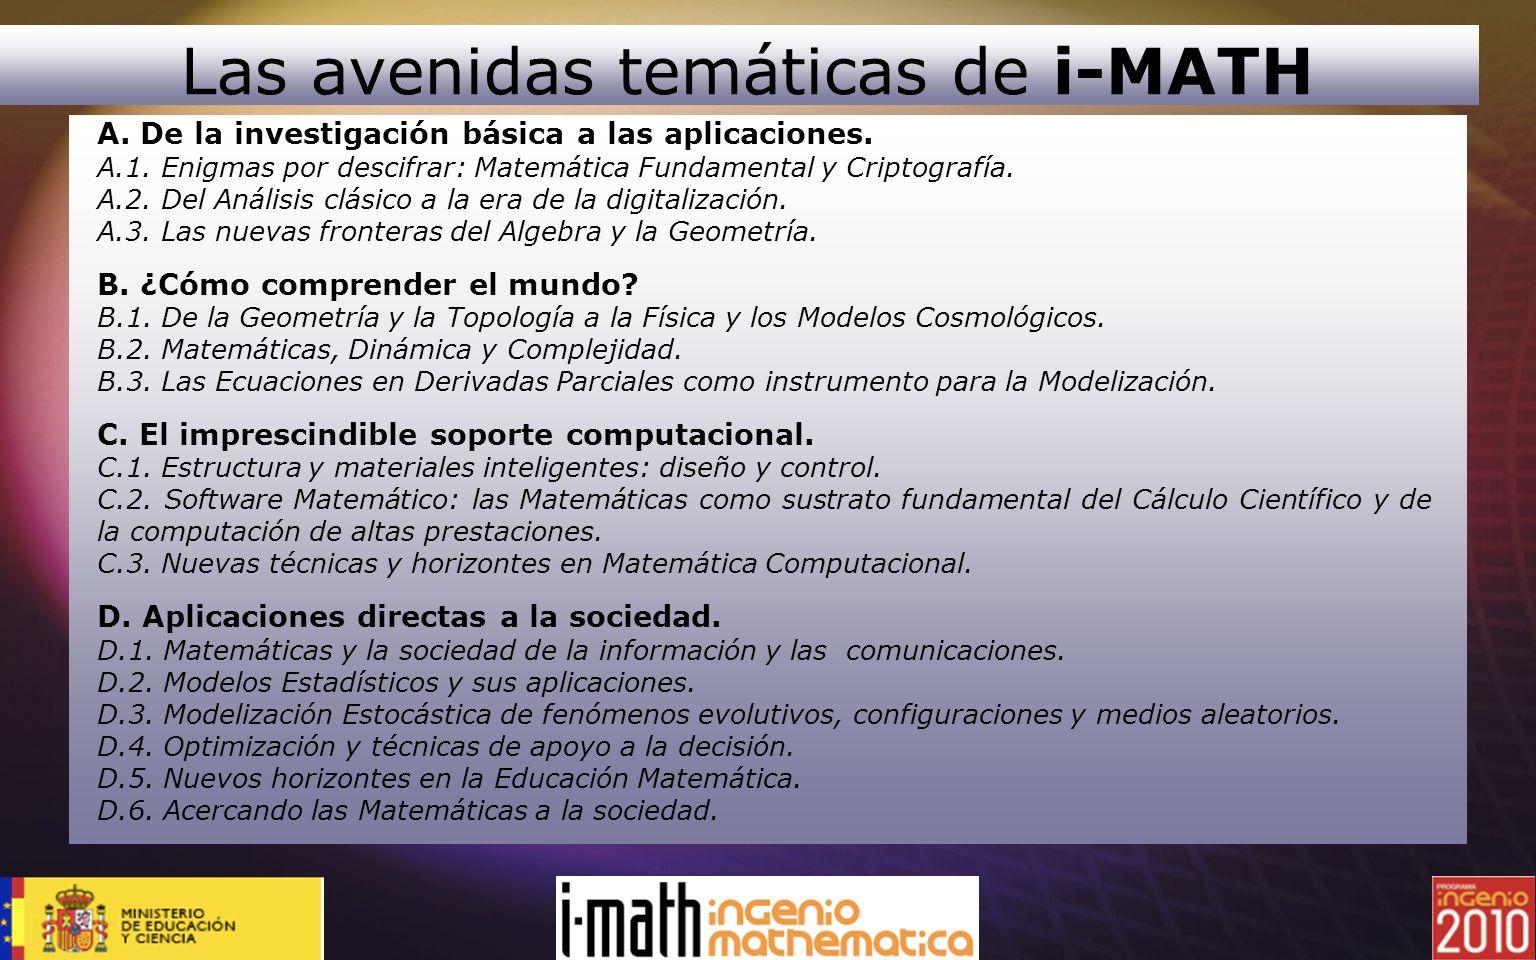 A. De la investigación básica a las aplicaciones. A.1. Enigmas por descifrar: Matemática Fundamental y Criptografía. A.2. Del Análisis clásico a la er